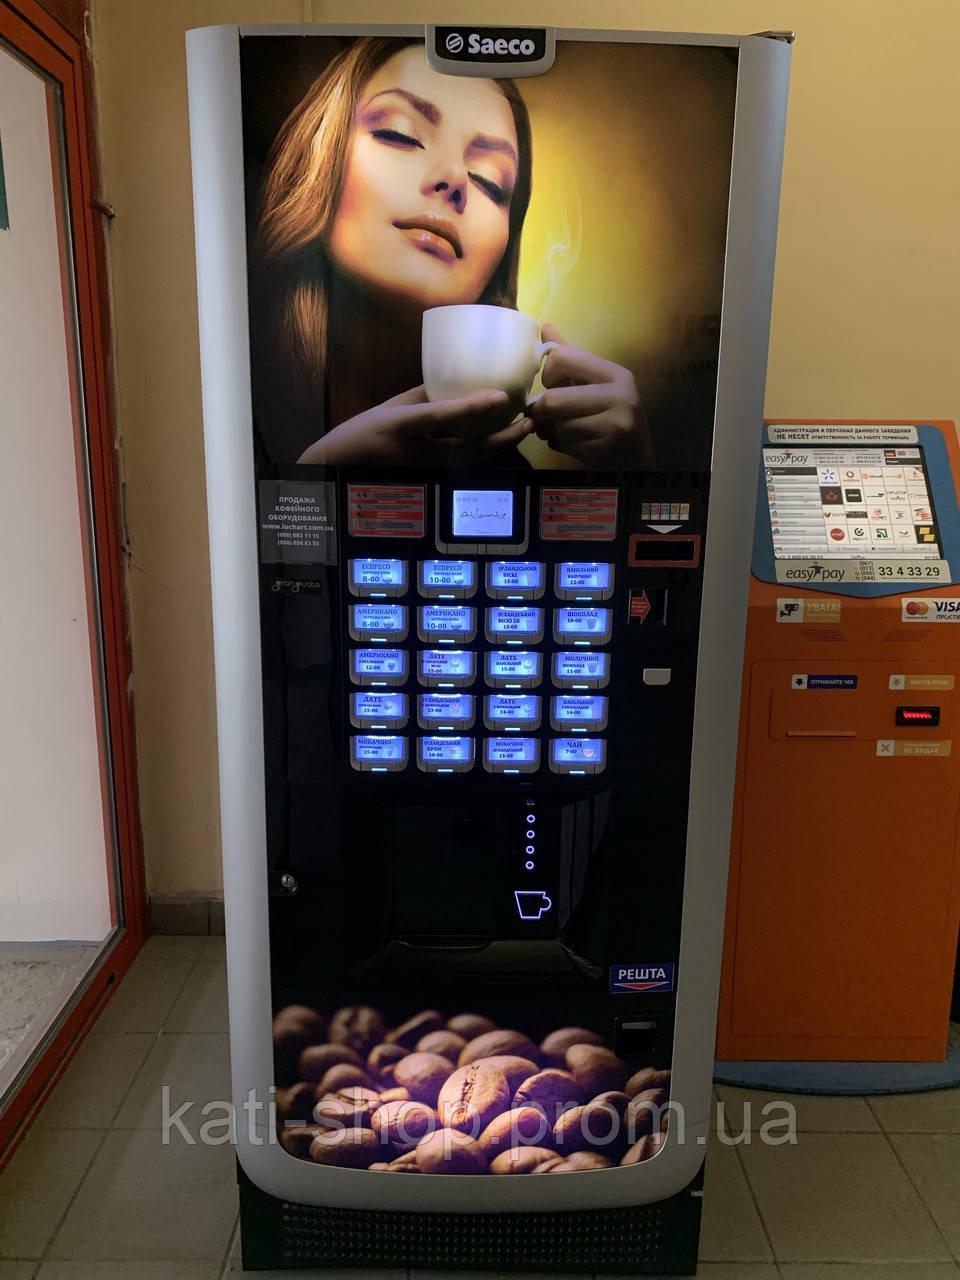 Кофейный автомат Saeco Atlante 700 2 кофемолки б/у